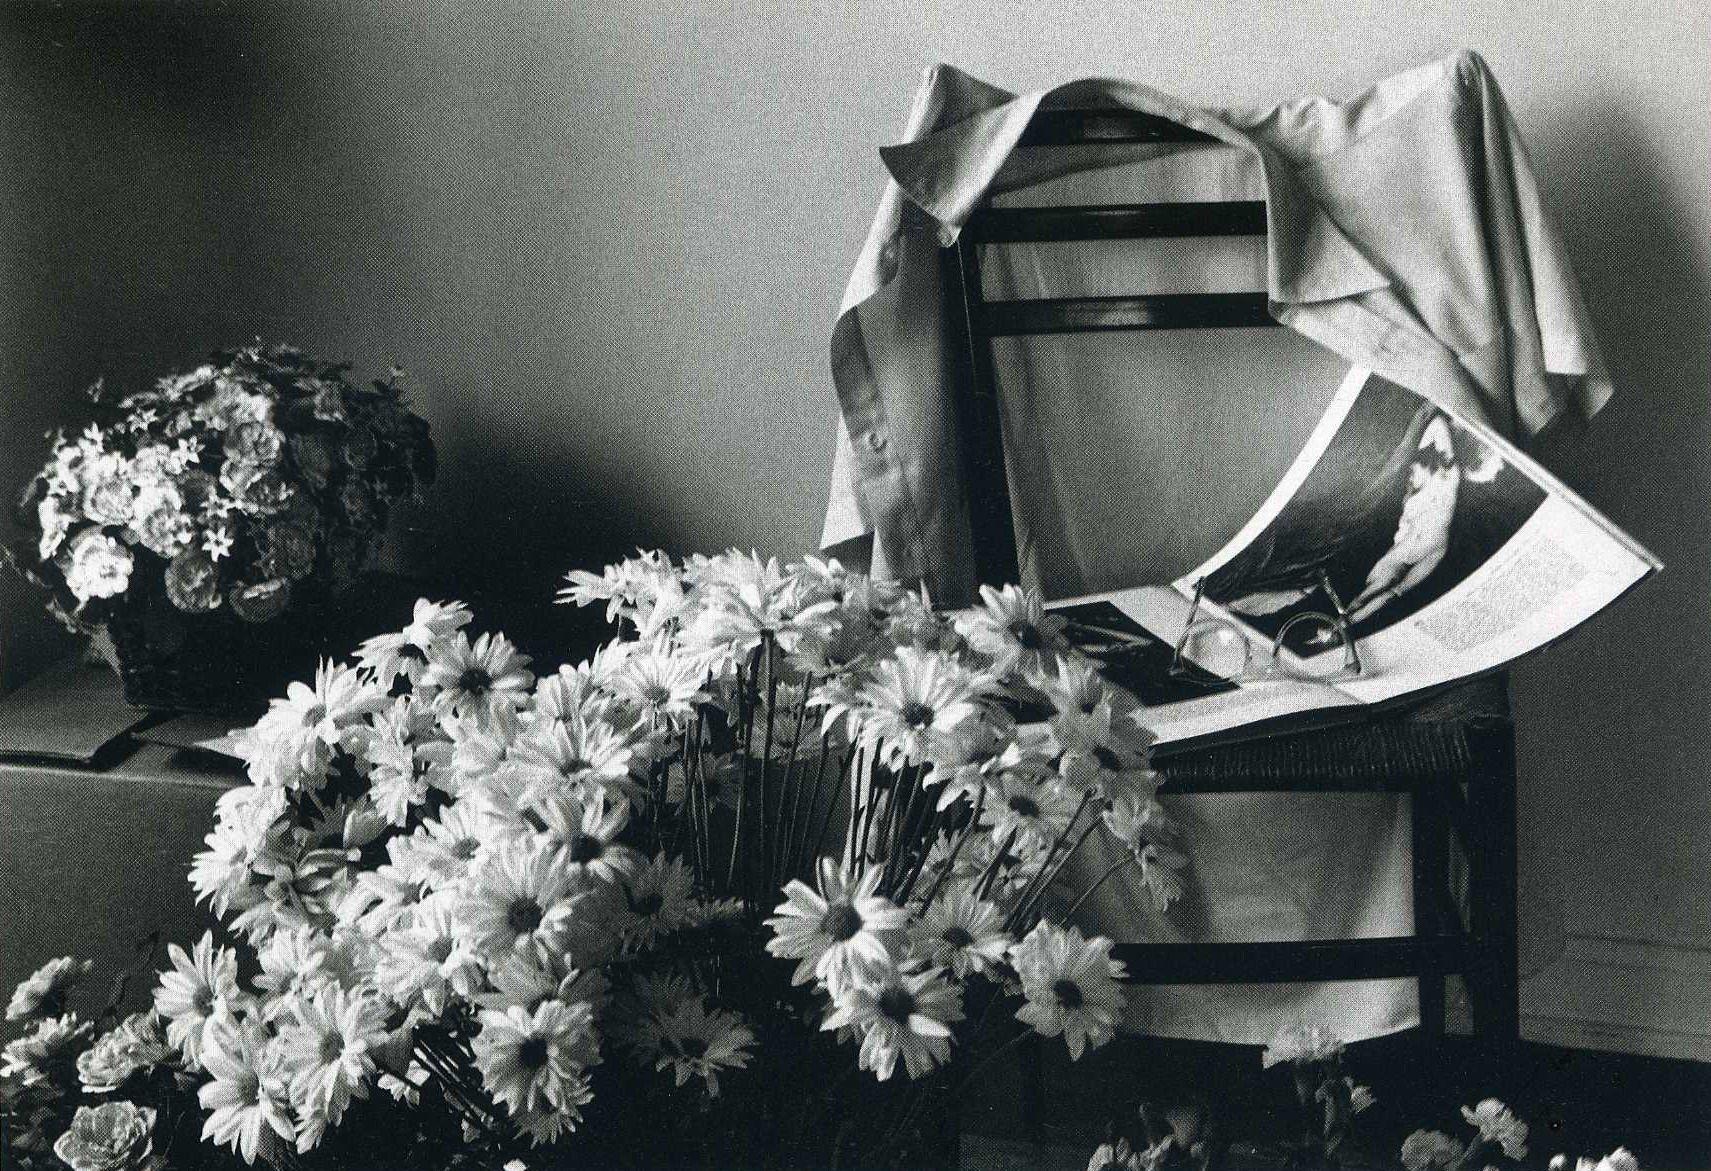 Flowers for Elizabeth, No 24, July 6, 1976 | © André Kertész